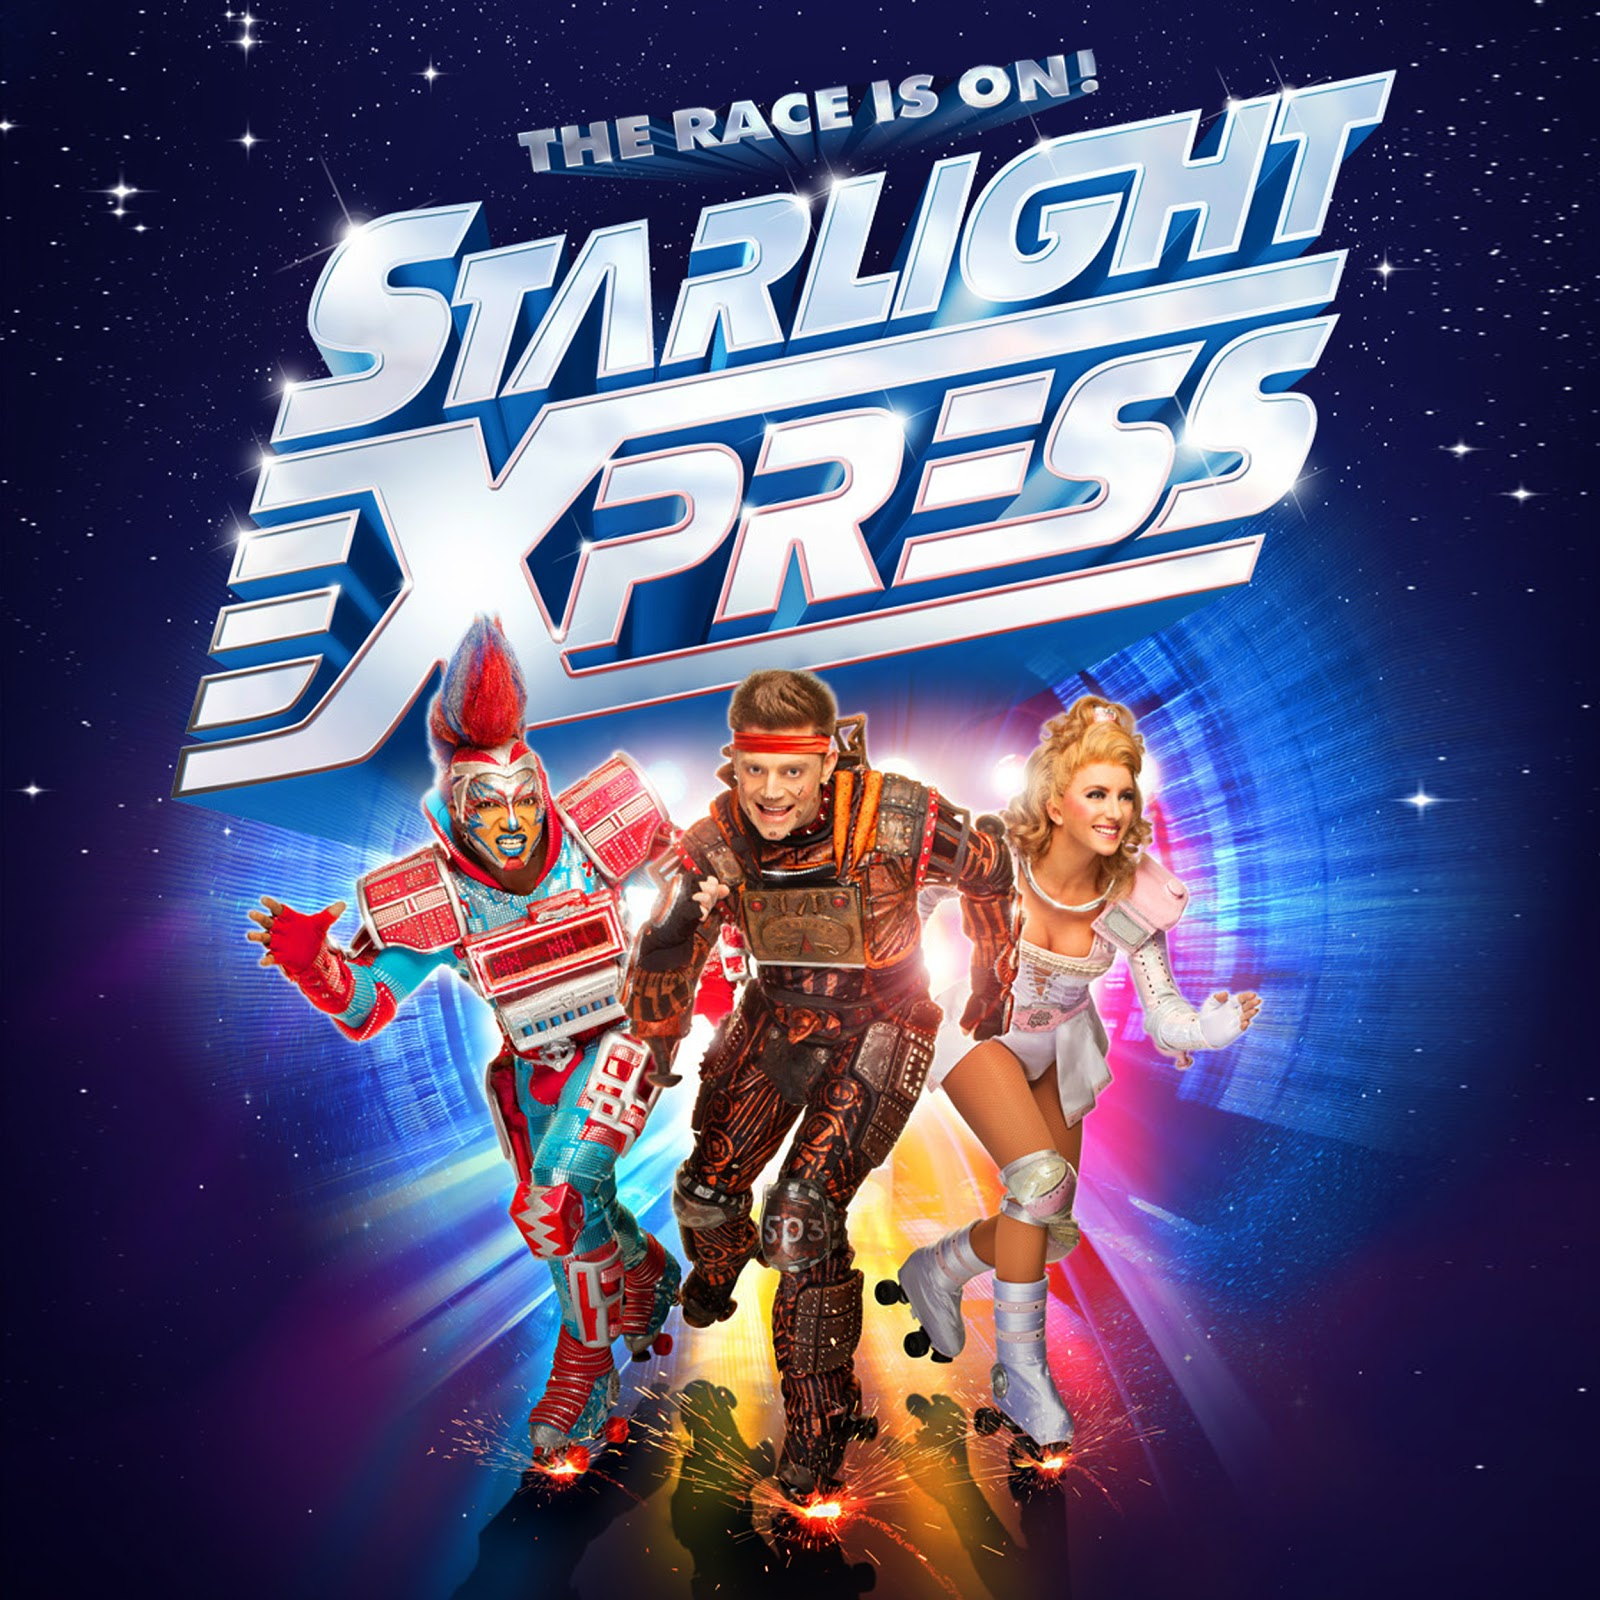 Starlight Express Wallpaper